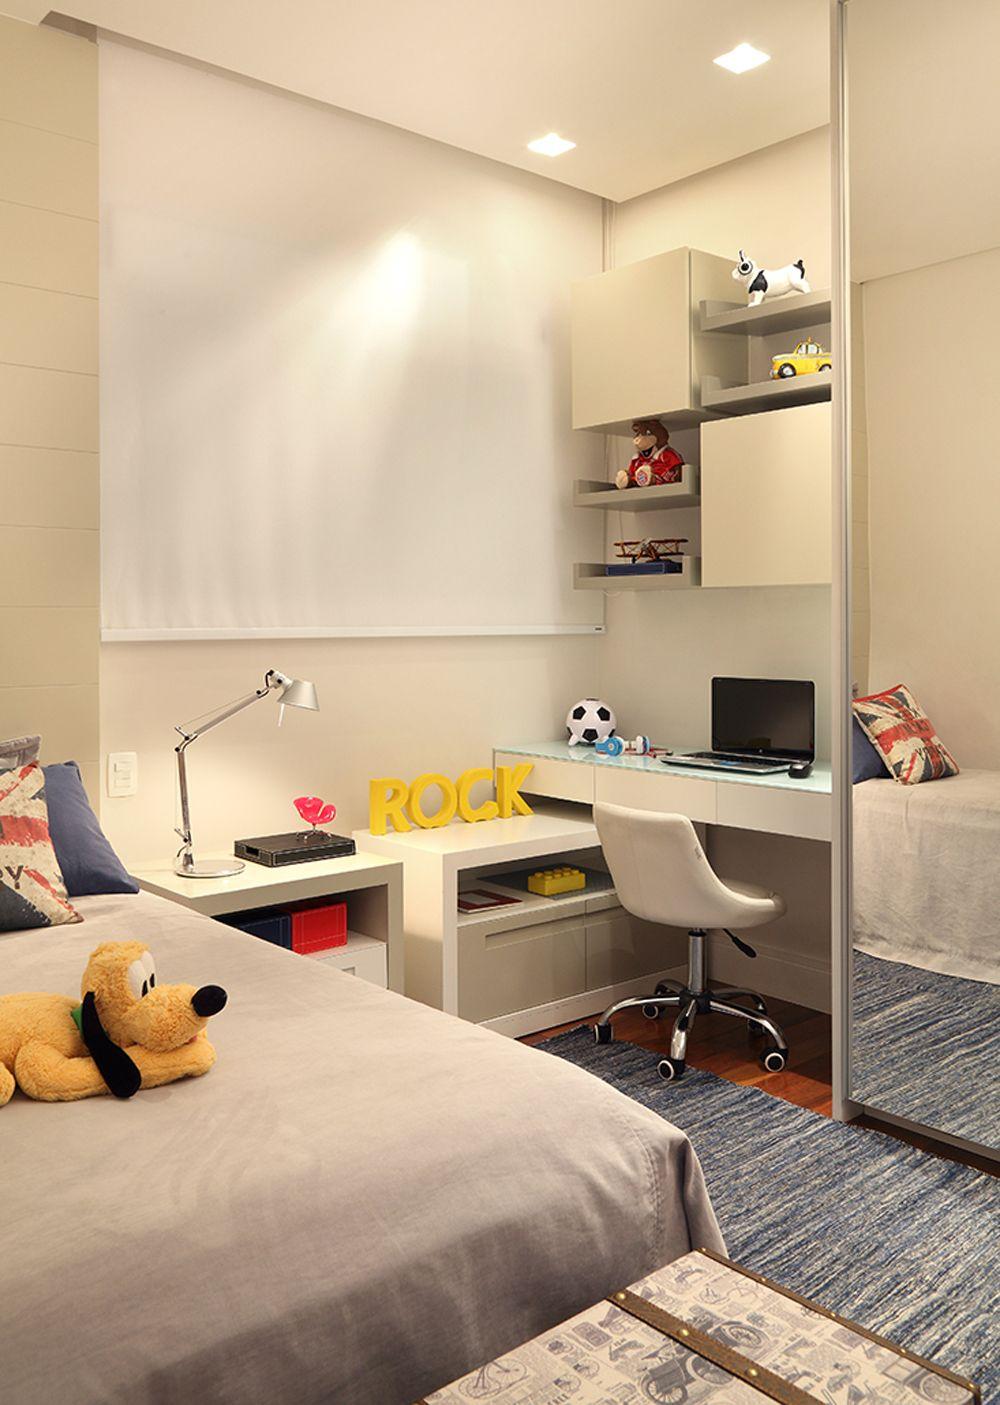 Distribuci n de armario escritorio y cajera debajo de la ventana dormitorio infantil decorar - Distribucion habitacion juvenil ...